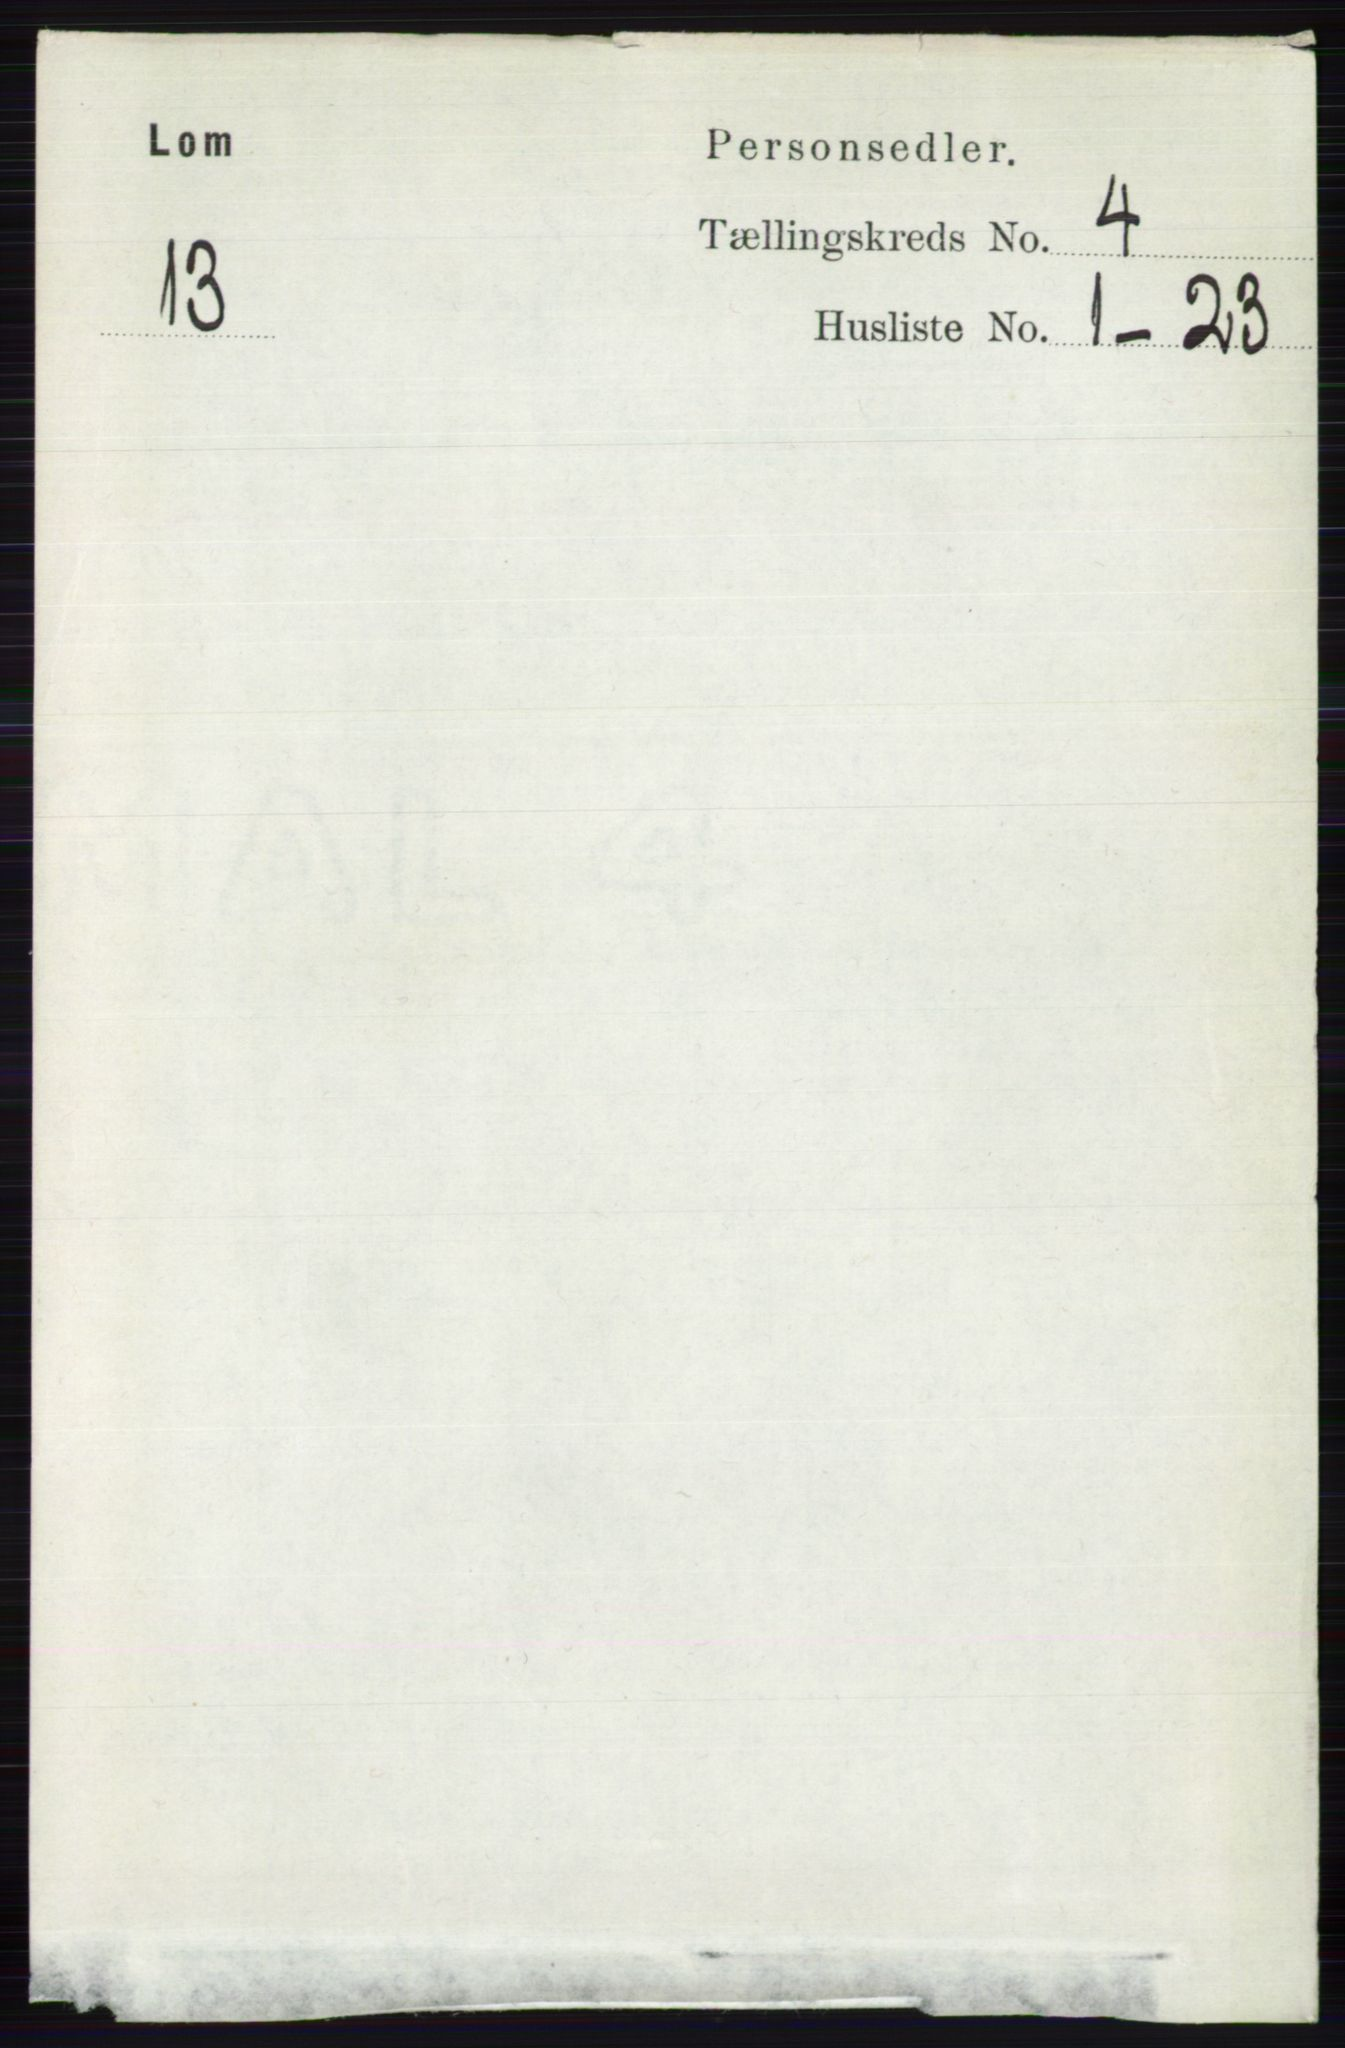 RA, Folketelling 1891 for 0514 Lom herred, 1891, s. 1503